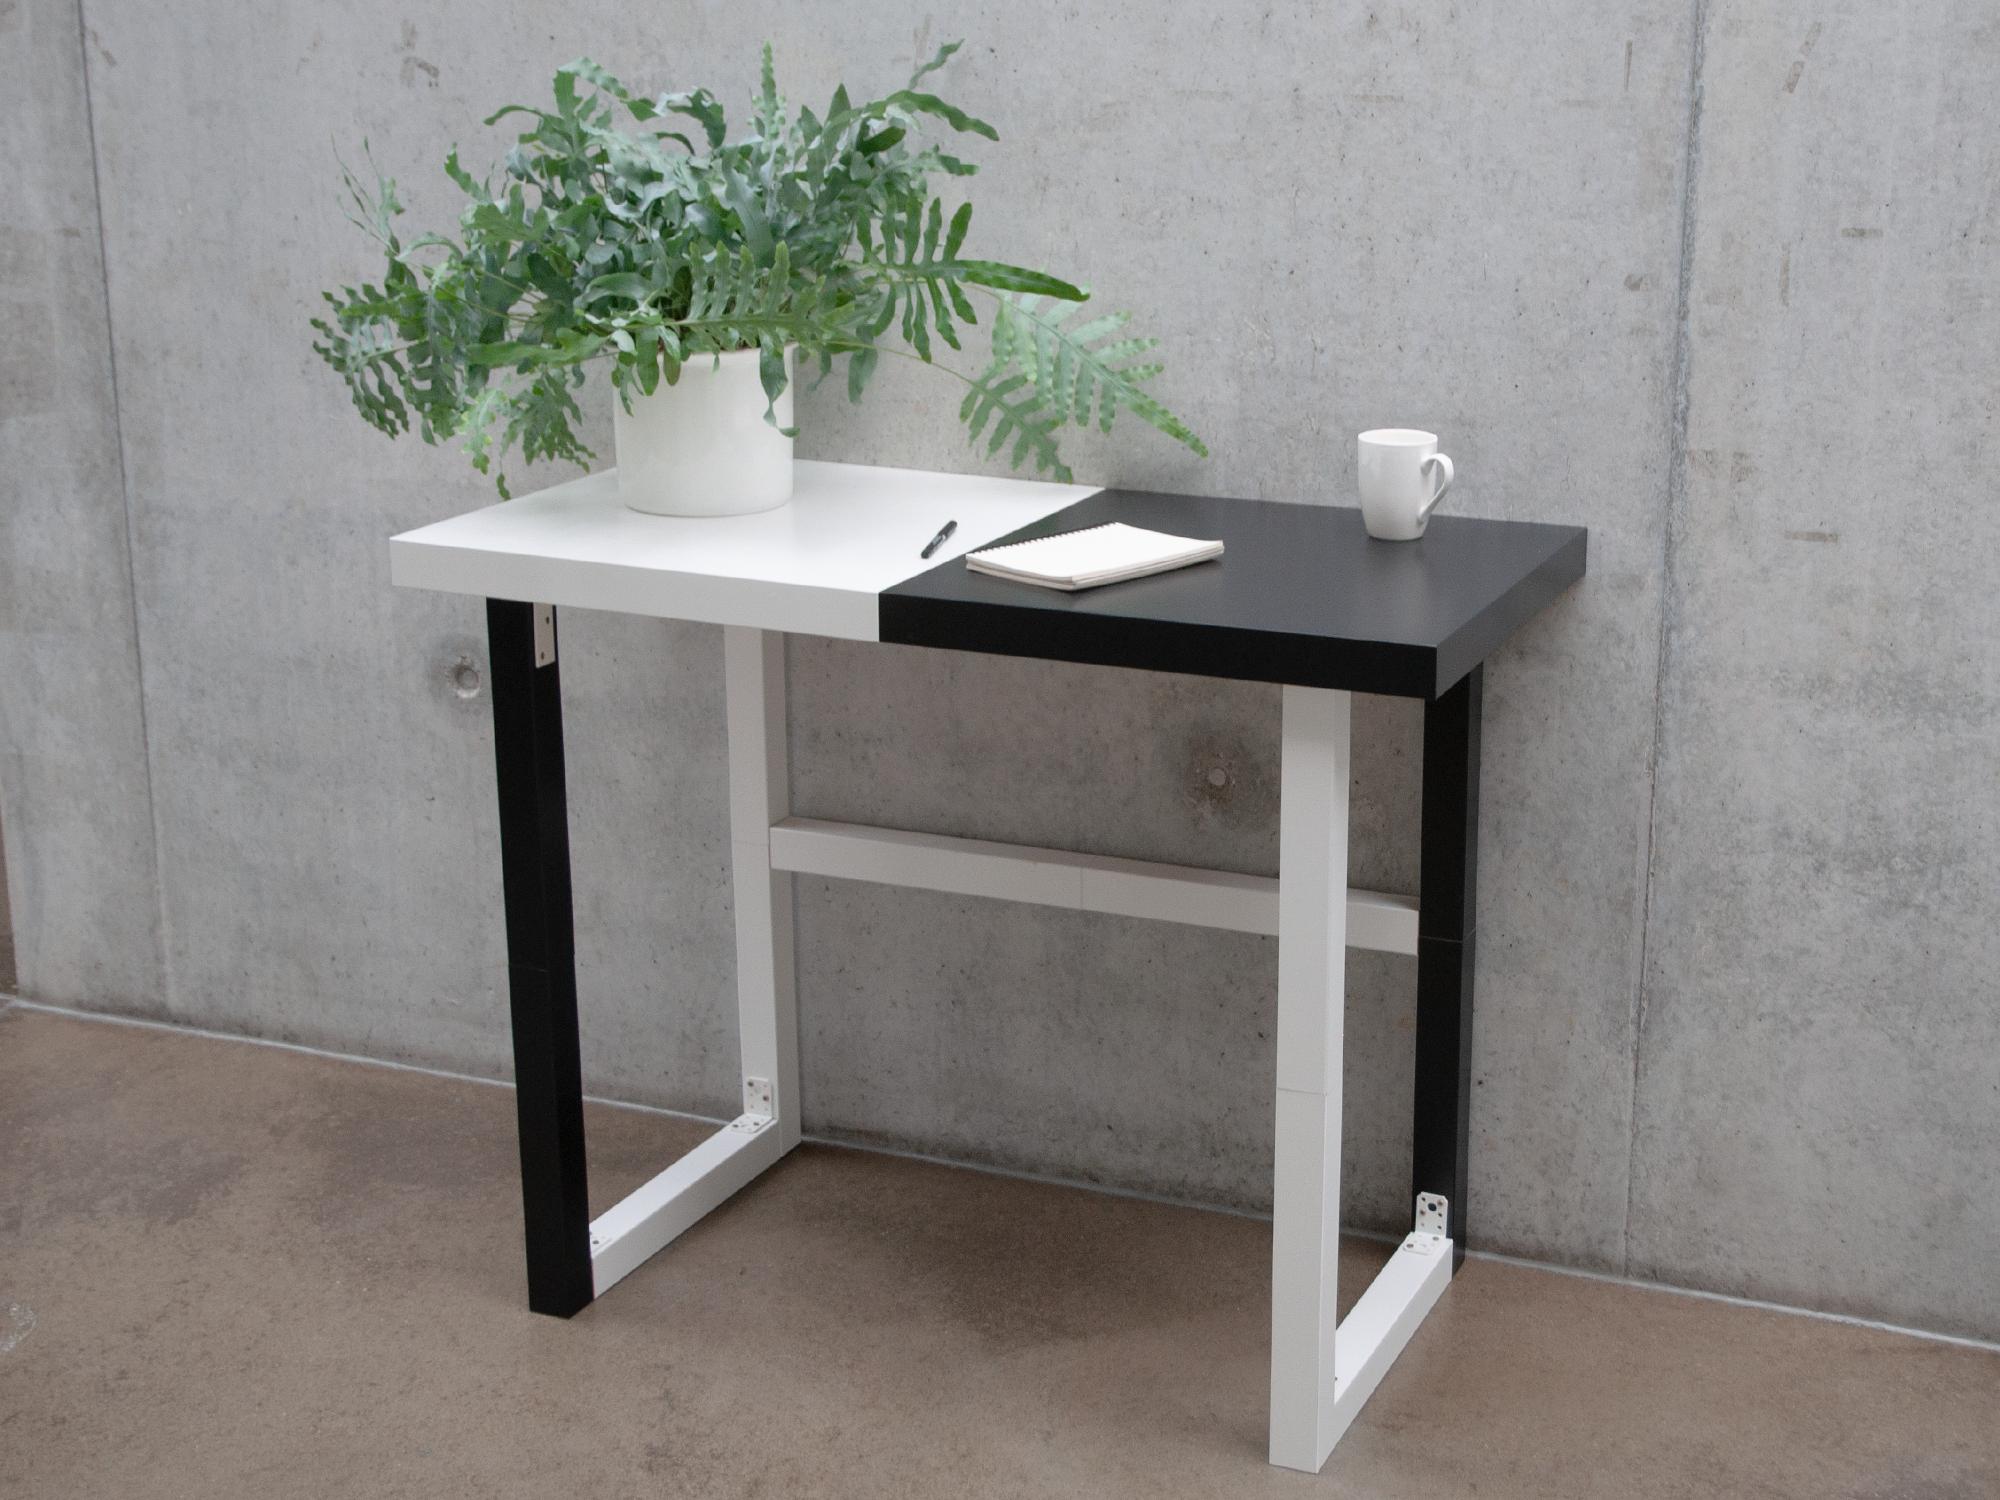 LILLACK- der günstigste Schreibtisch der Welt (Hacking IKEA)